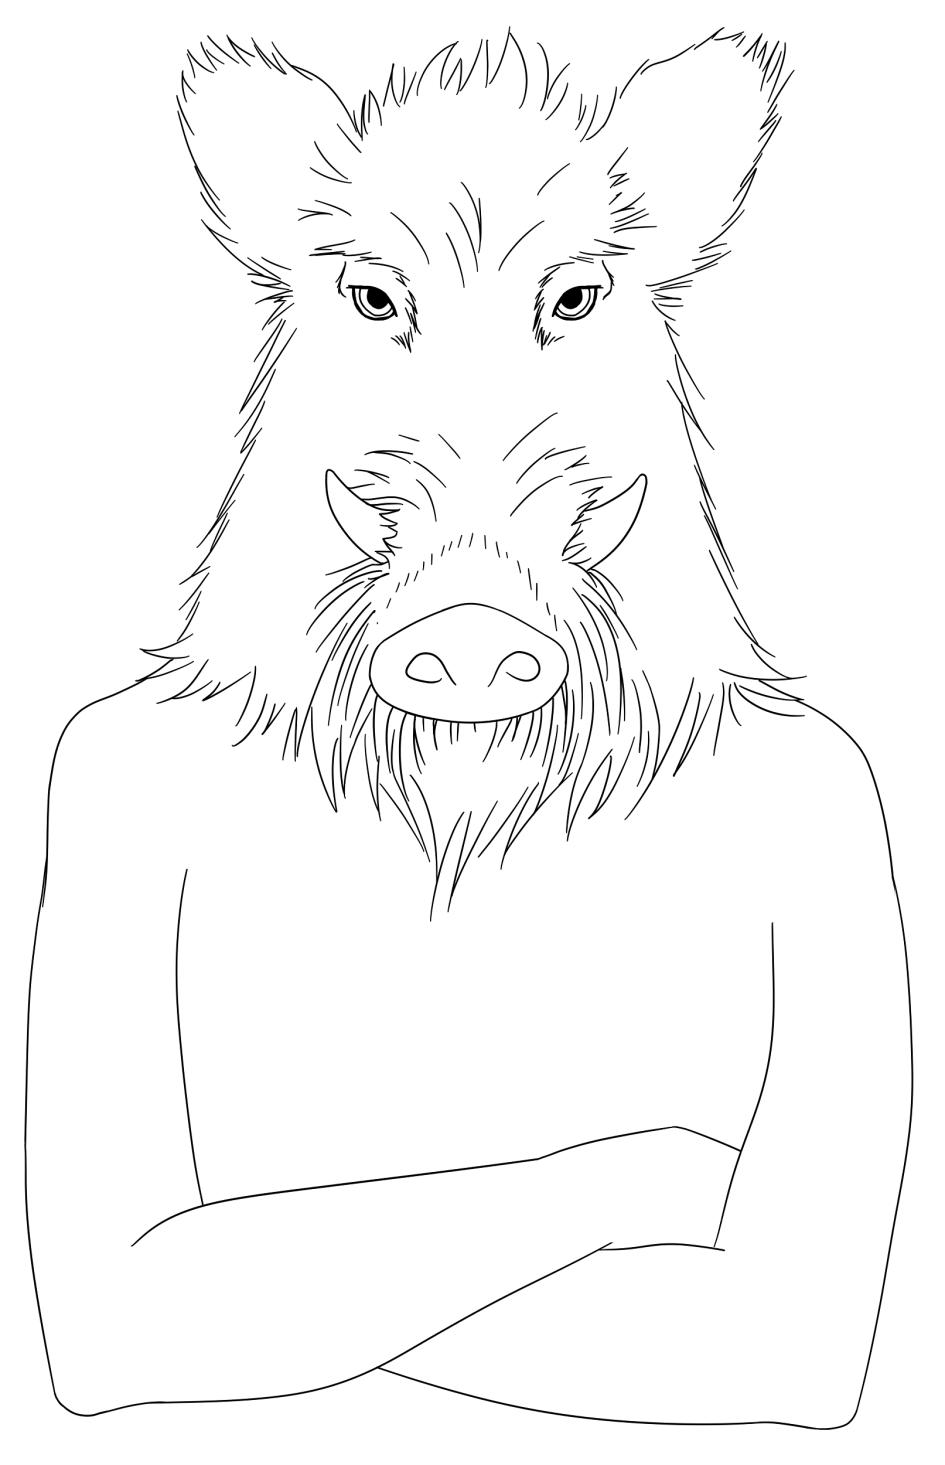 Le Géant des Hauts - dessin d'Annick Paul